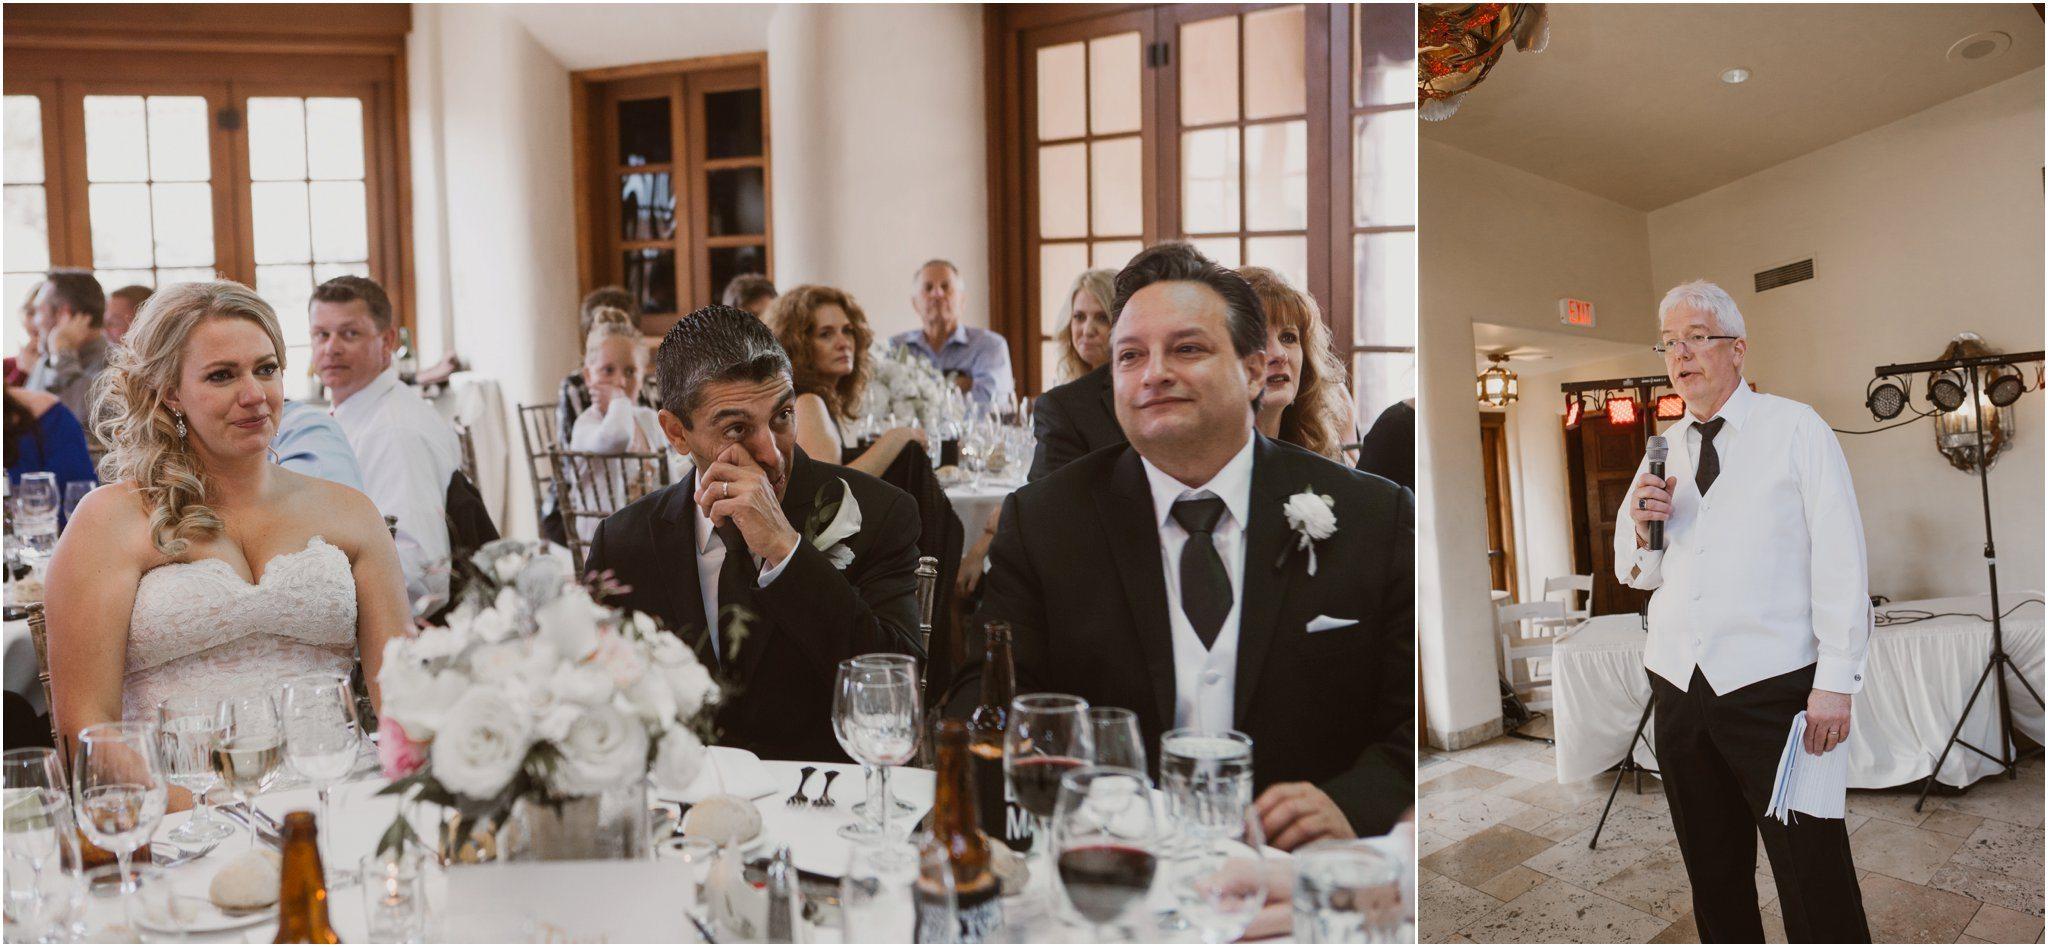 0031Albuquerque _ Santa Fe _ Wedding Photographers _ New Mexico Wedding Photography